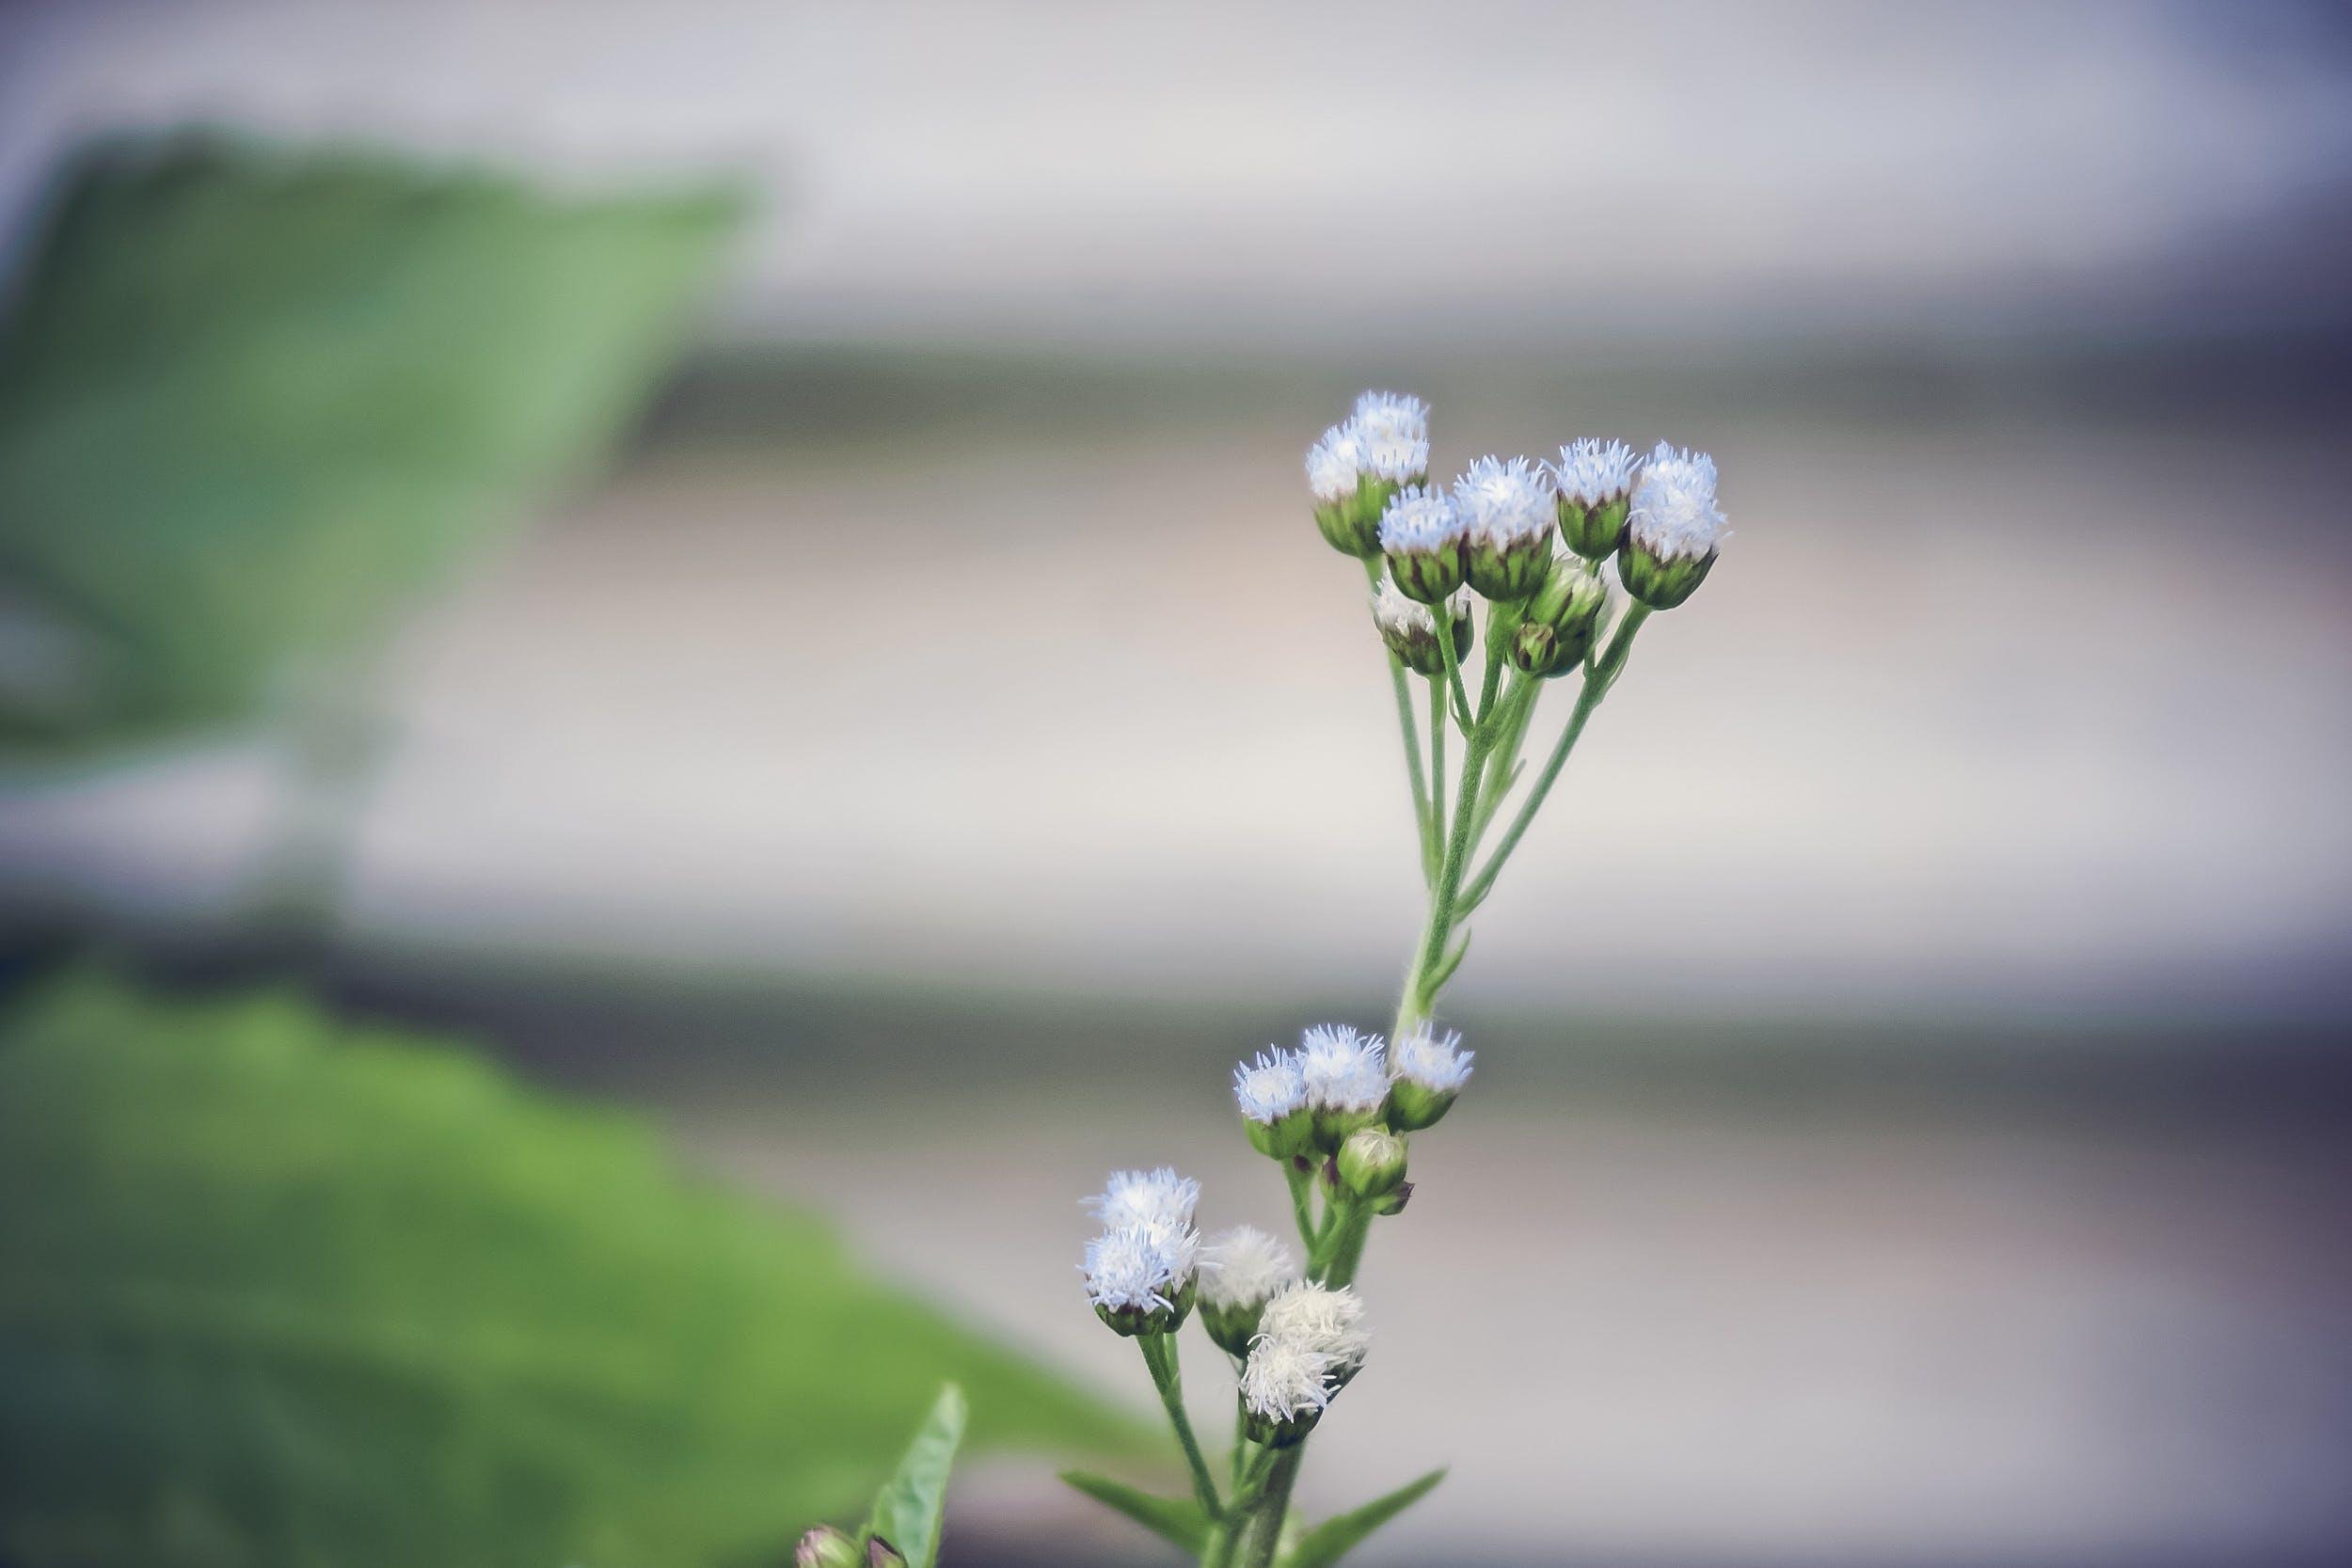 Gratis lagerfoto af ageratum, bane, blomst, close-up